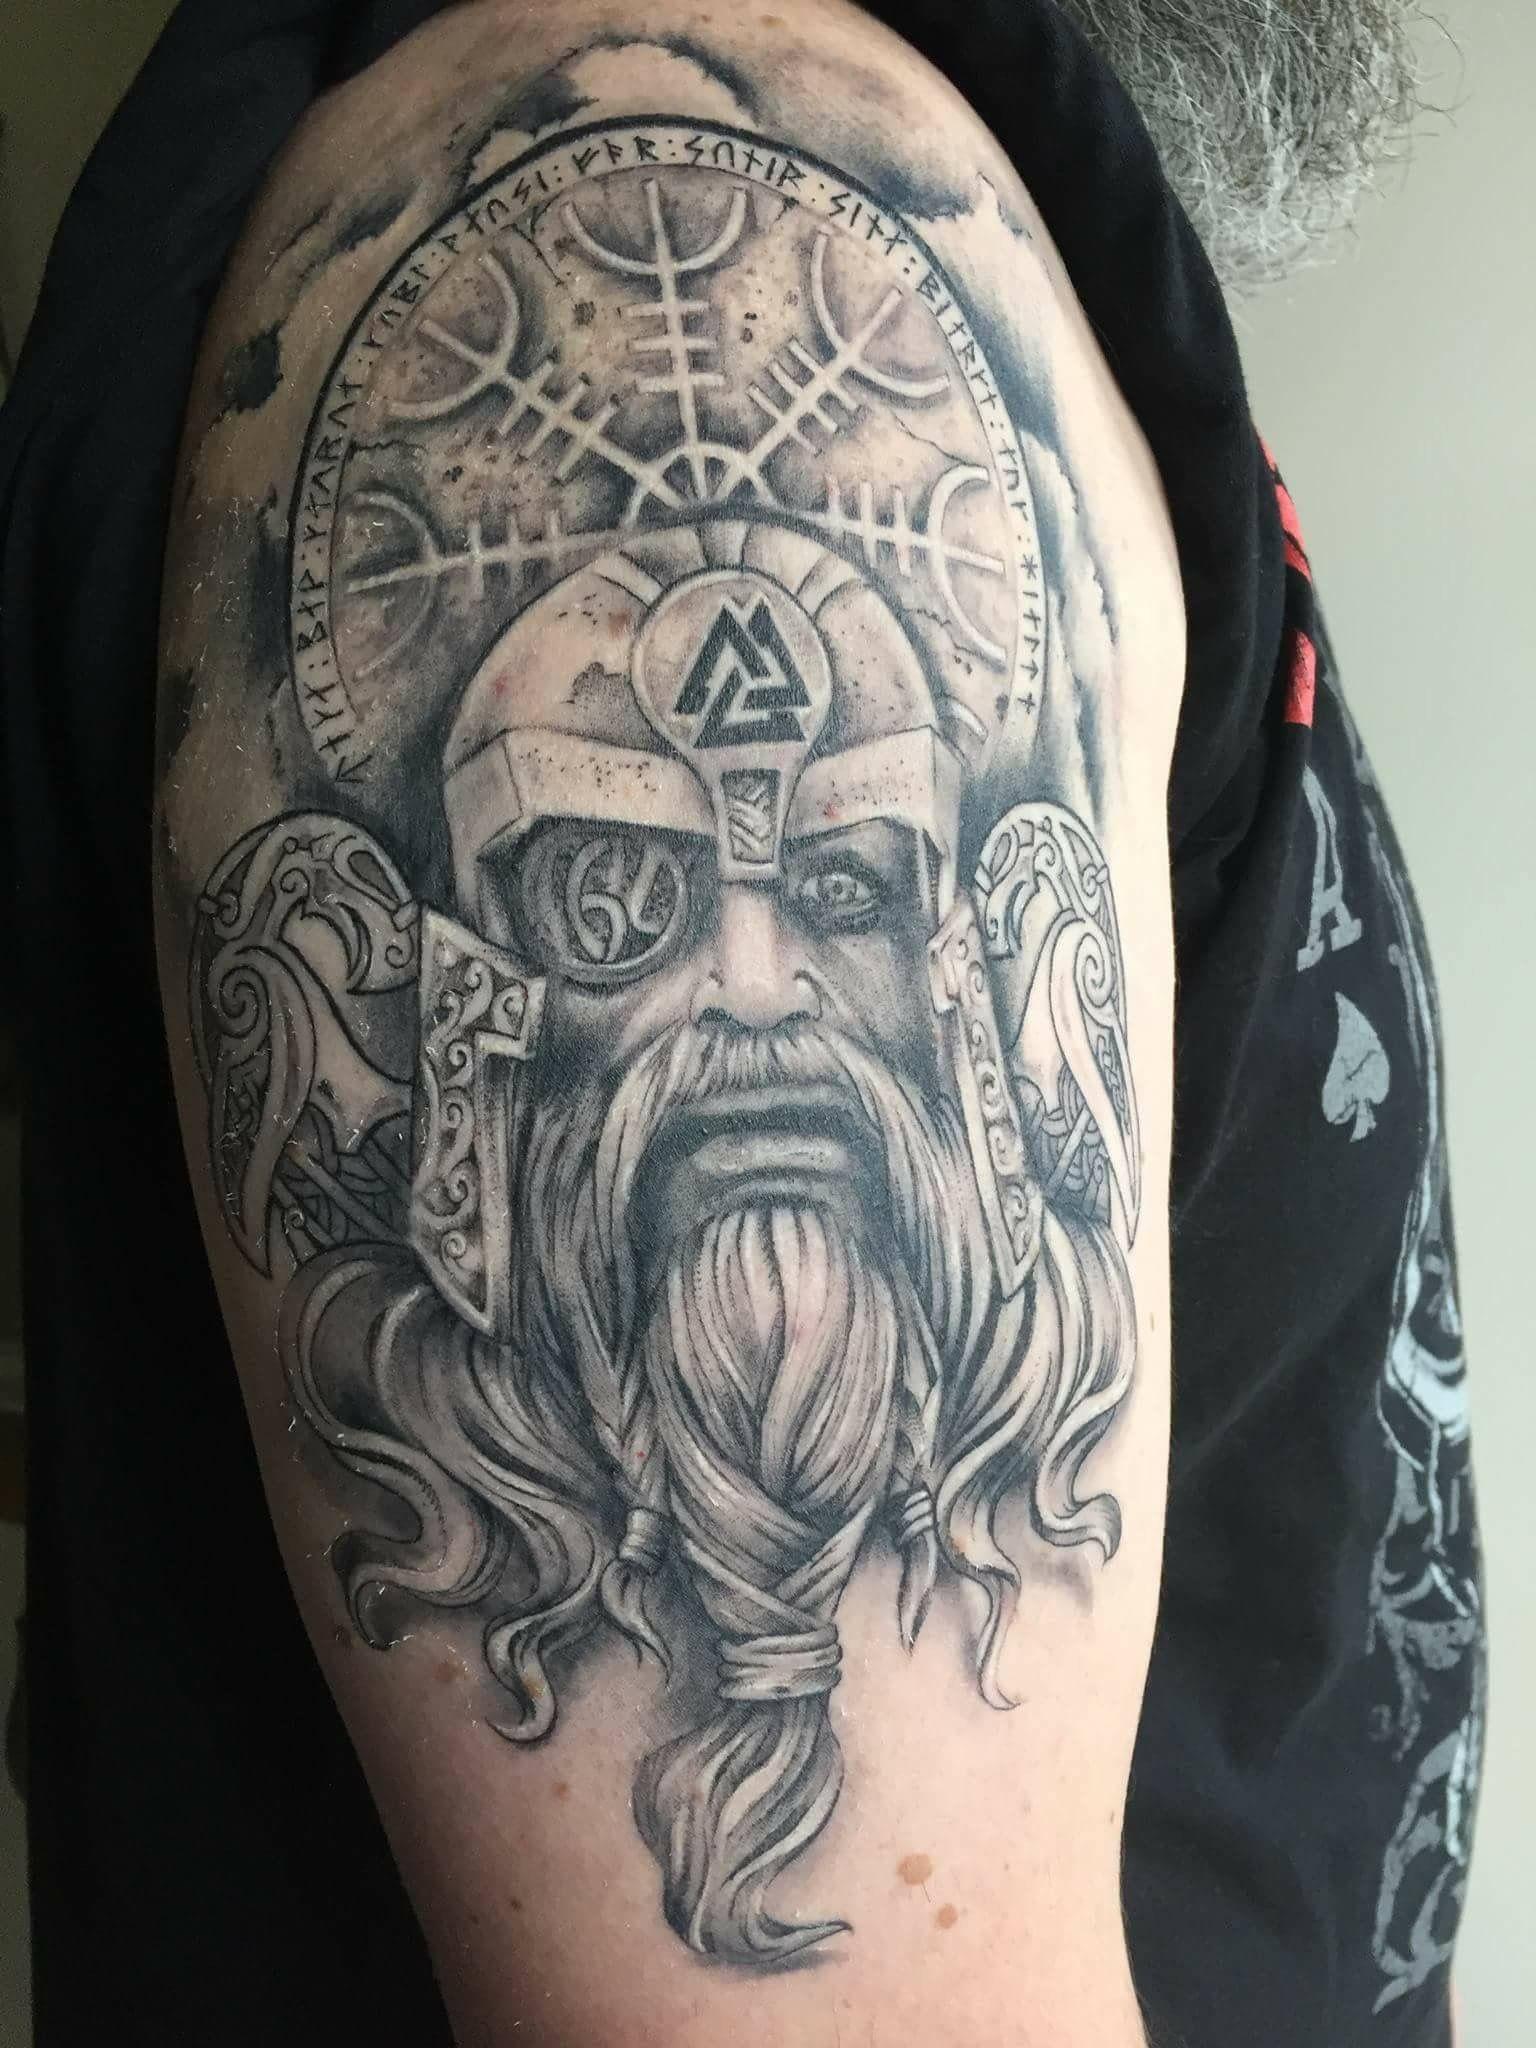 TATTOO ART Norseman design Viking tattoos